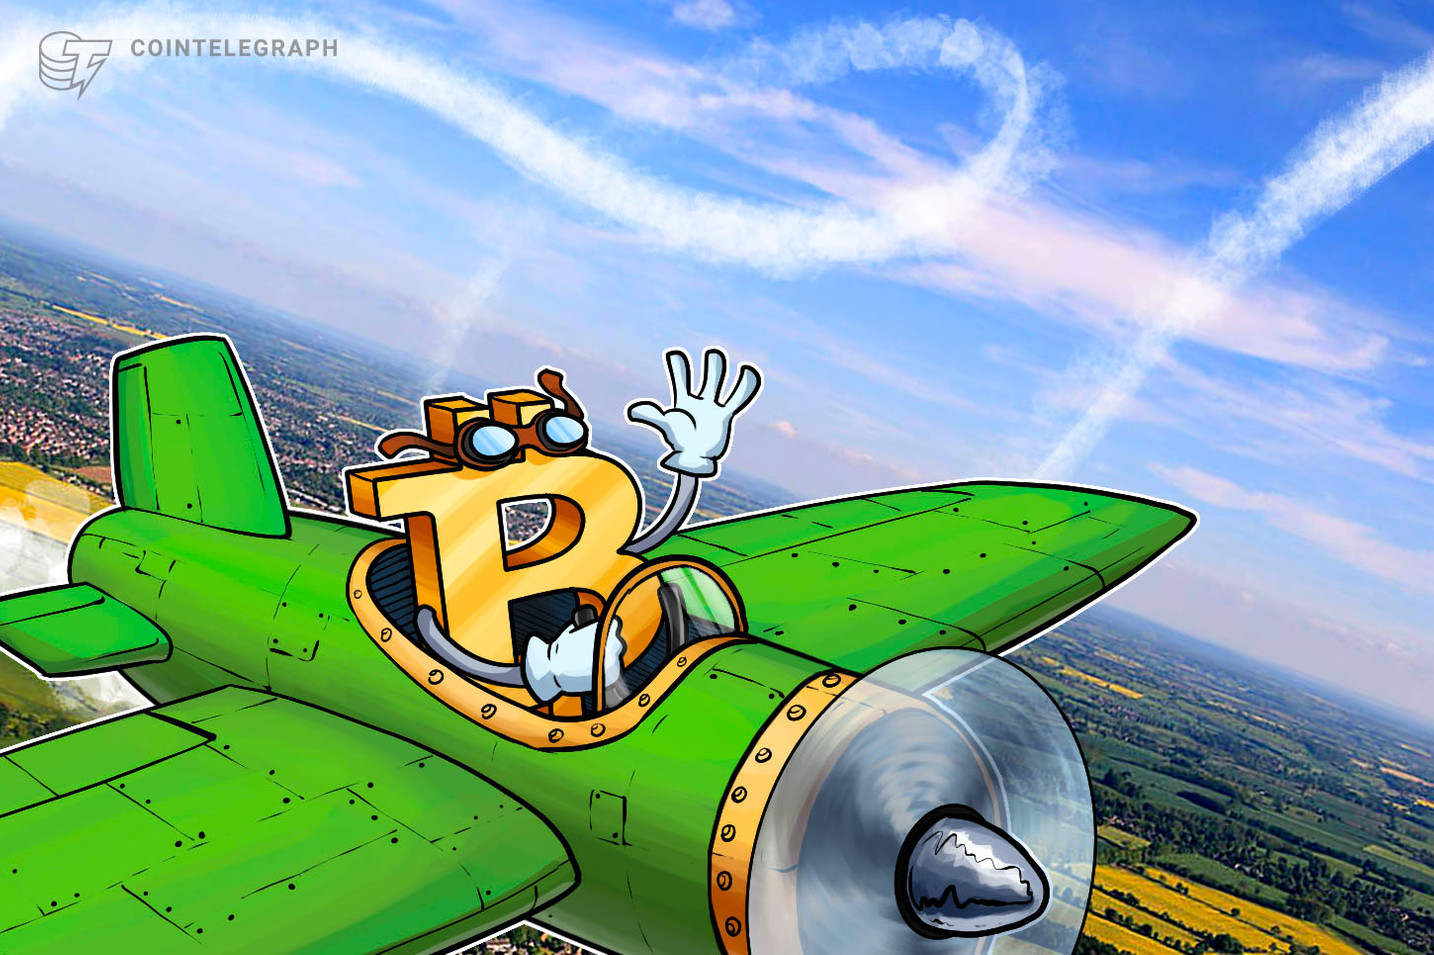 El precio de Bitcoin vuelve a los 9,300 dólares mientras que los traders esperan una mayor volatilidad